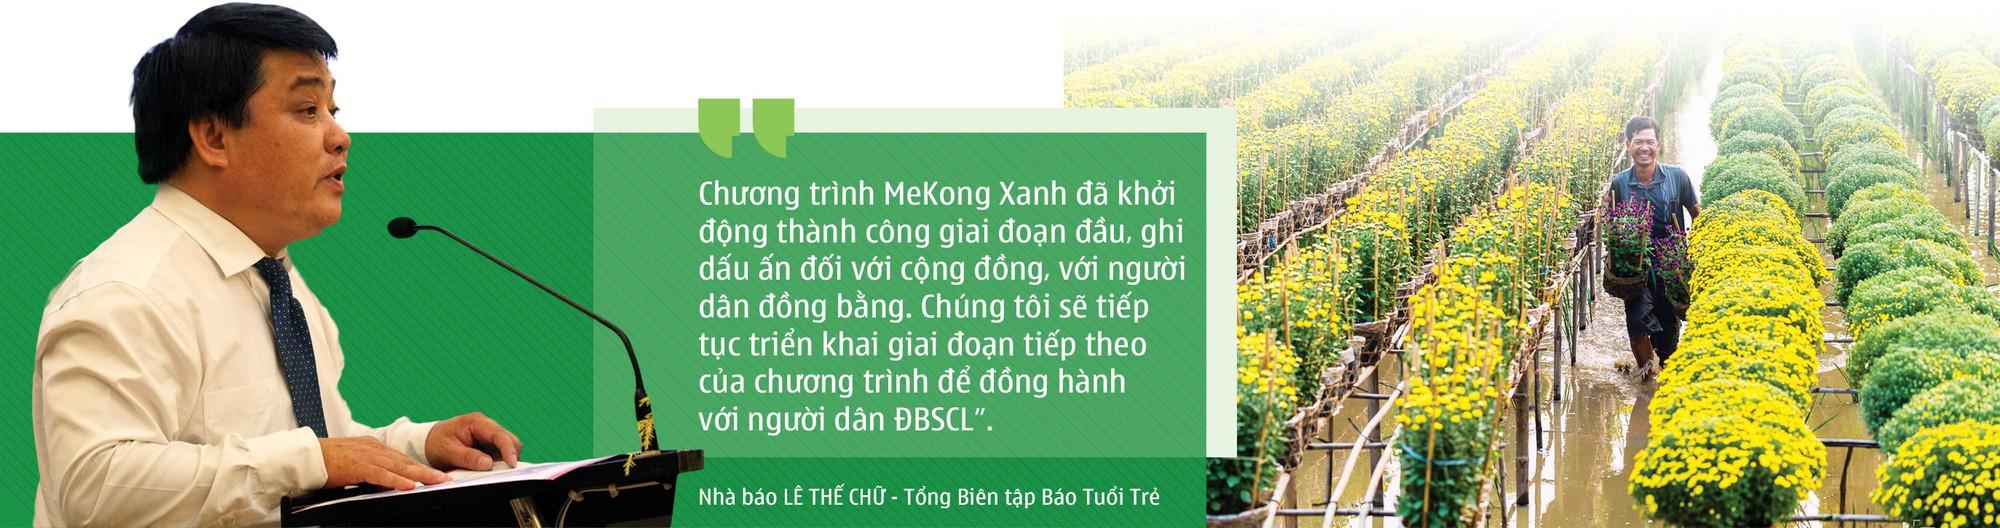 MeKong Xanh - Cùng xây cuộc sống xanh - Ảnh 2.